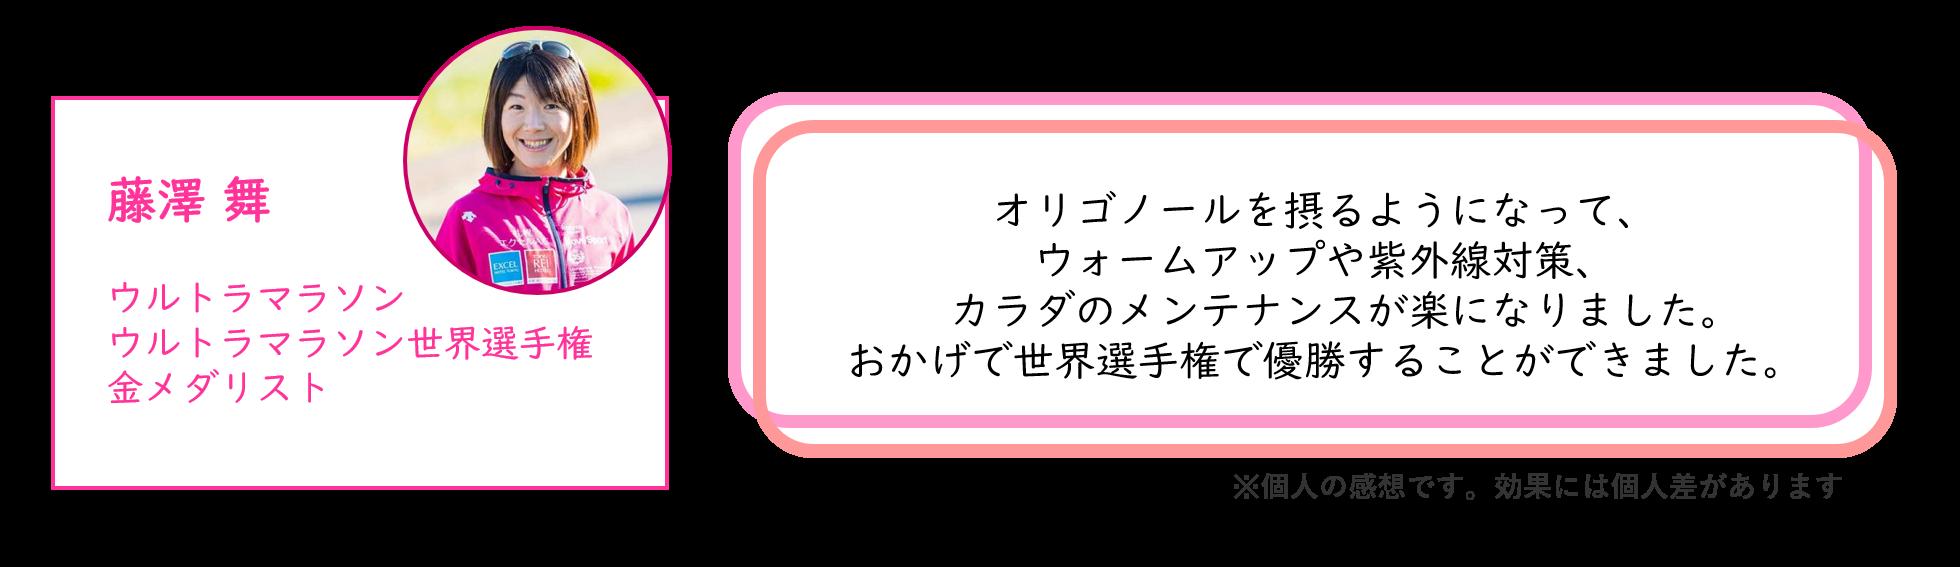 【美人コーヒー】藤澤舞 ウルトラマラソン世界選手権 金メダリスト